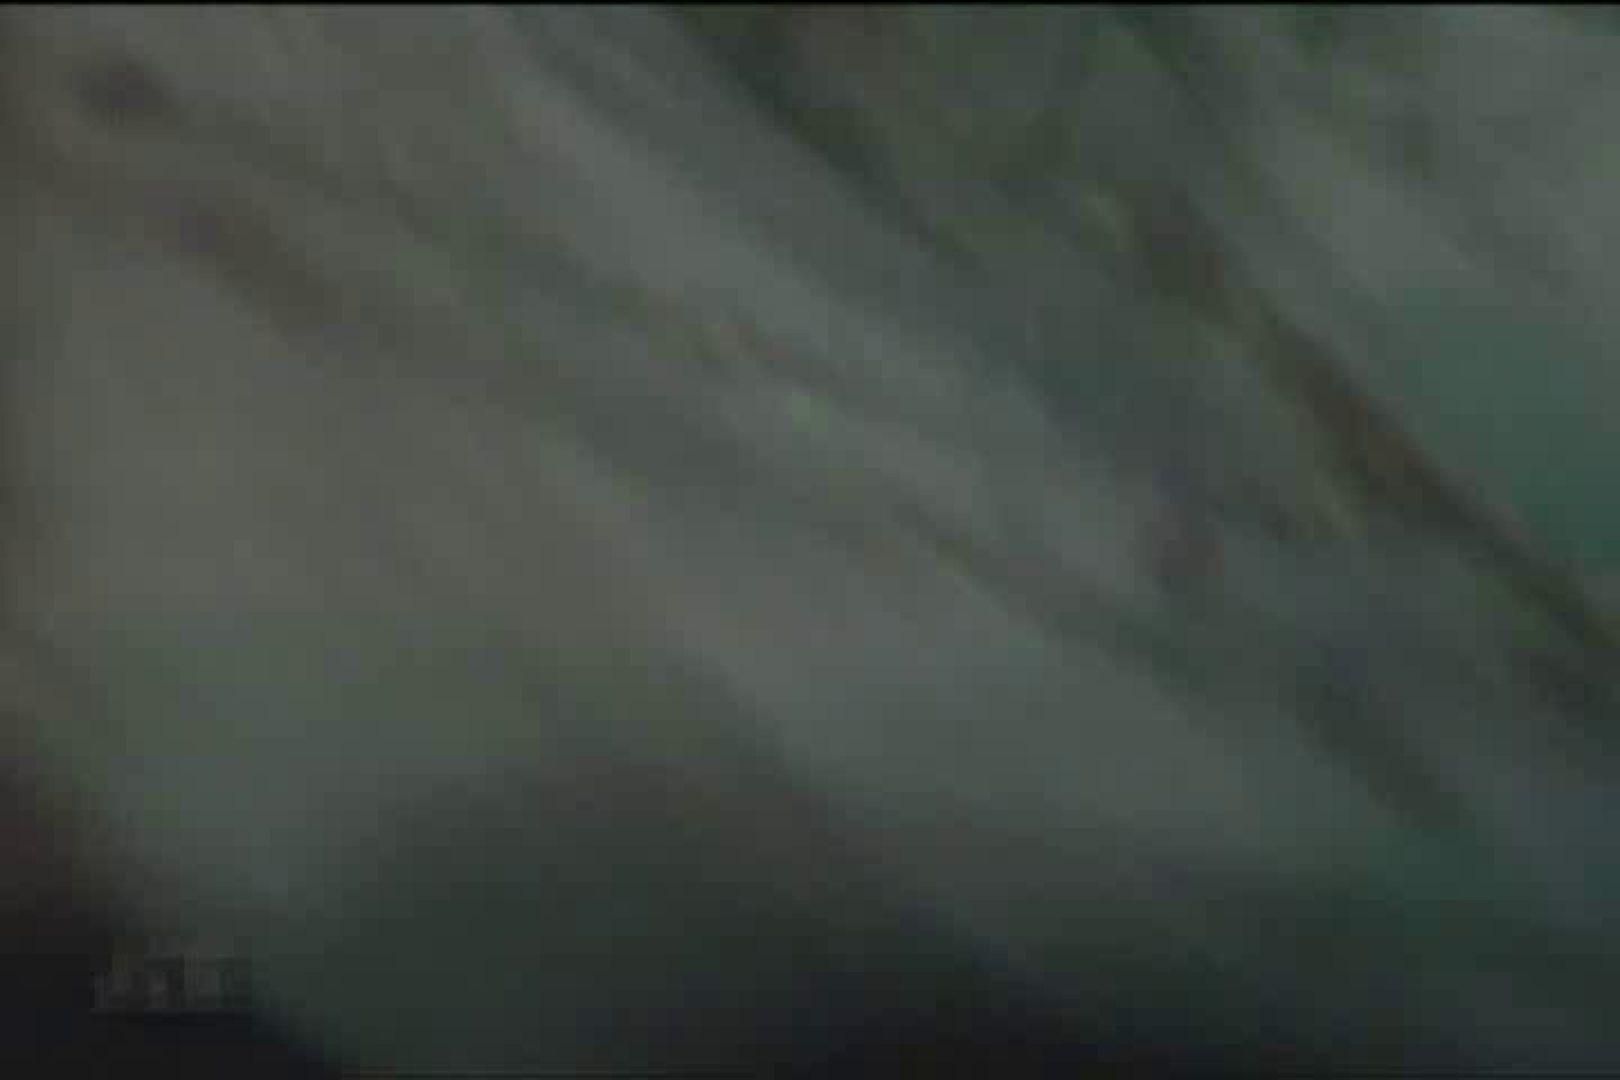 必撮!! チクビっくりVol.8 熟女  58画像 12